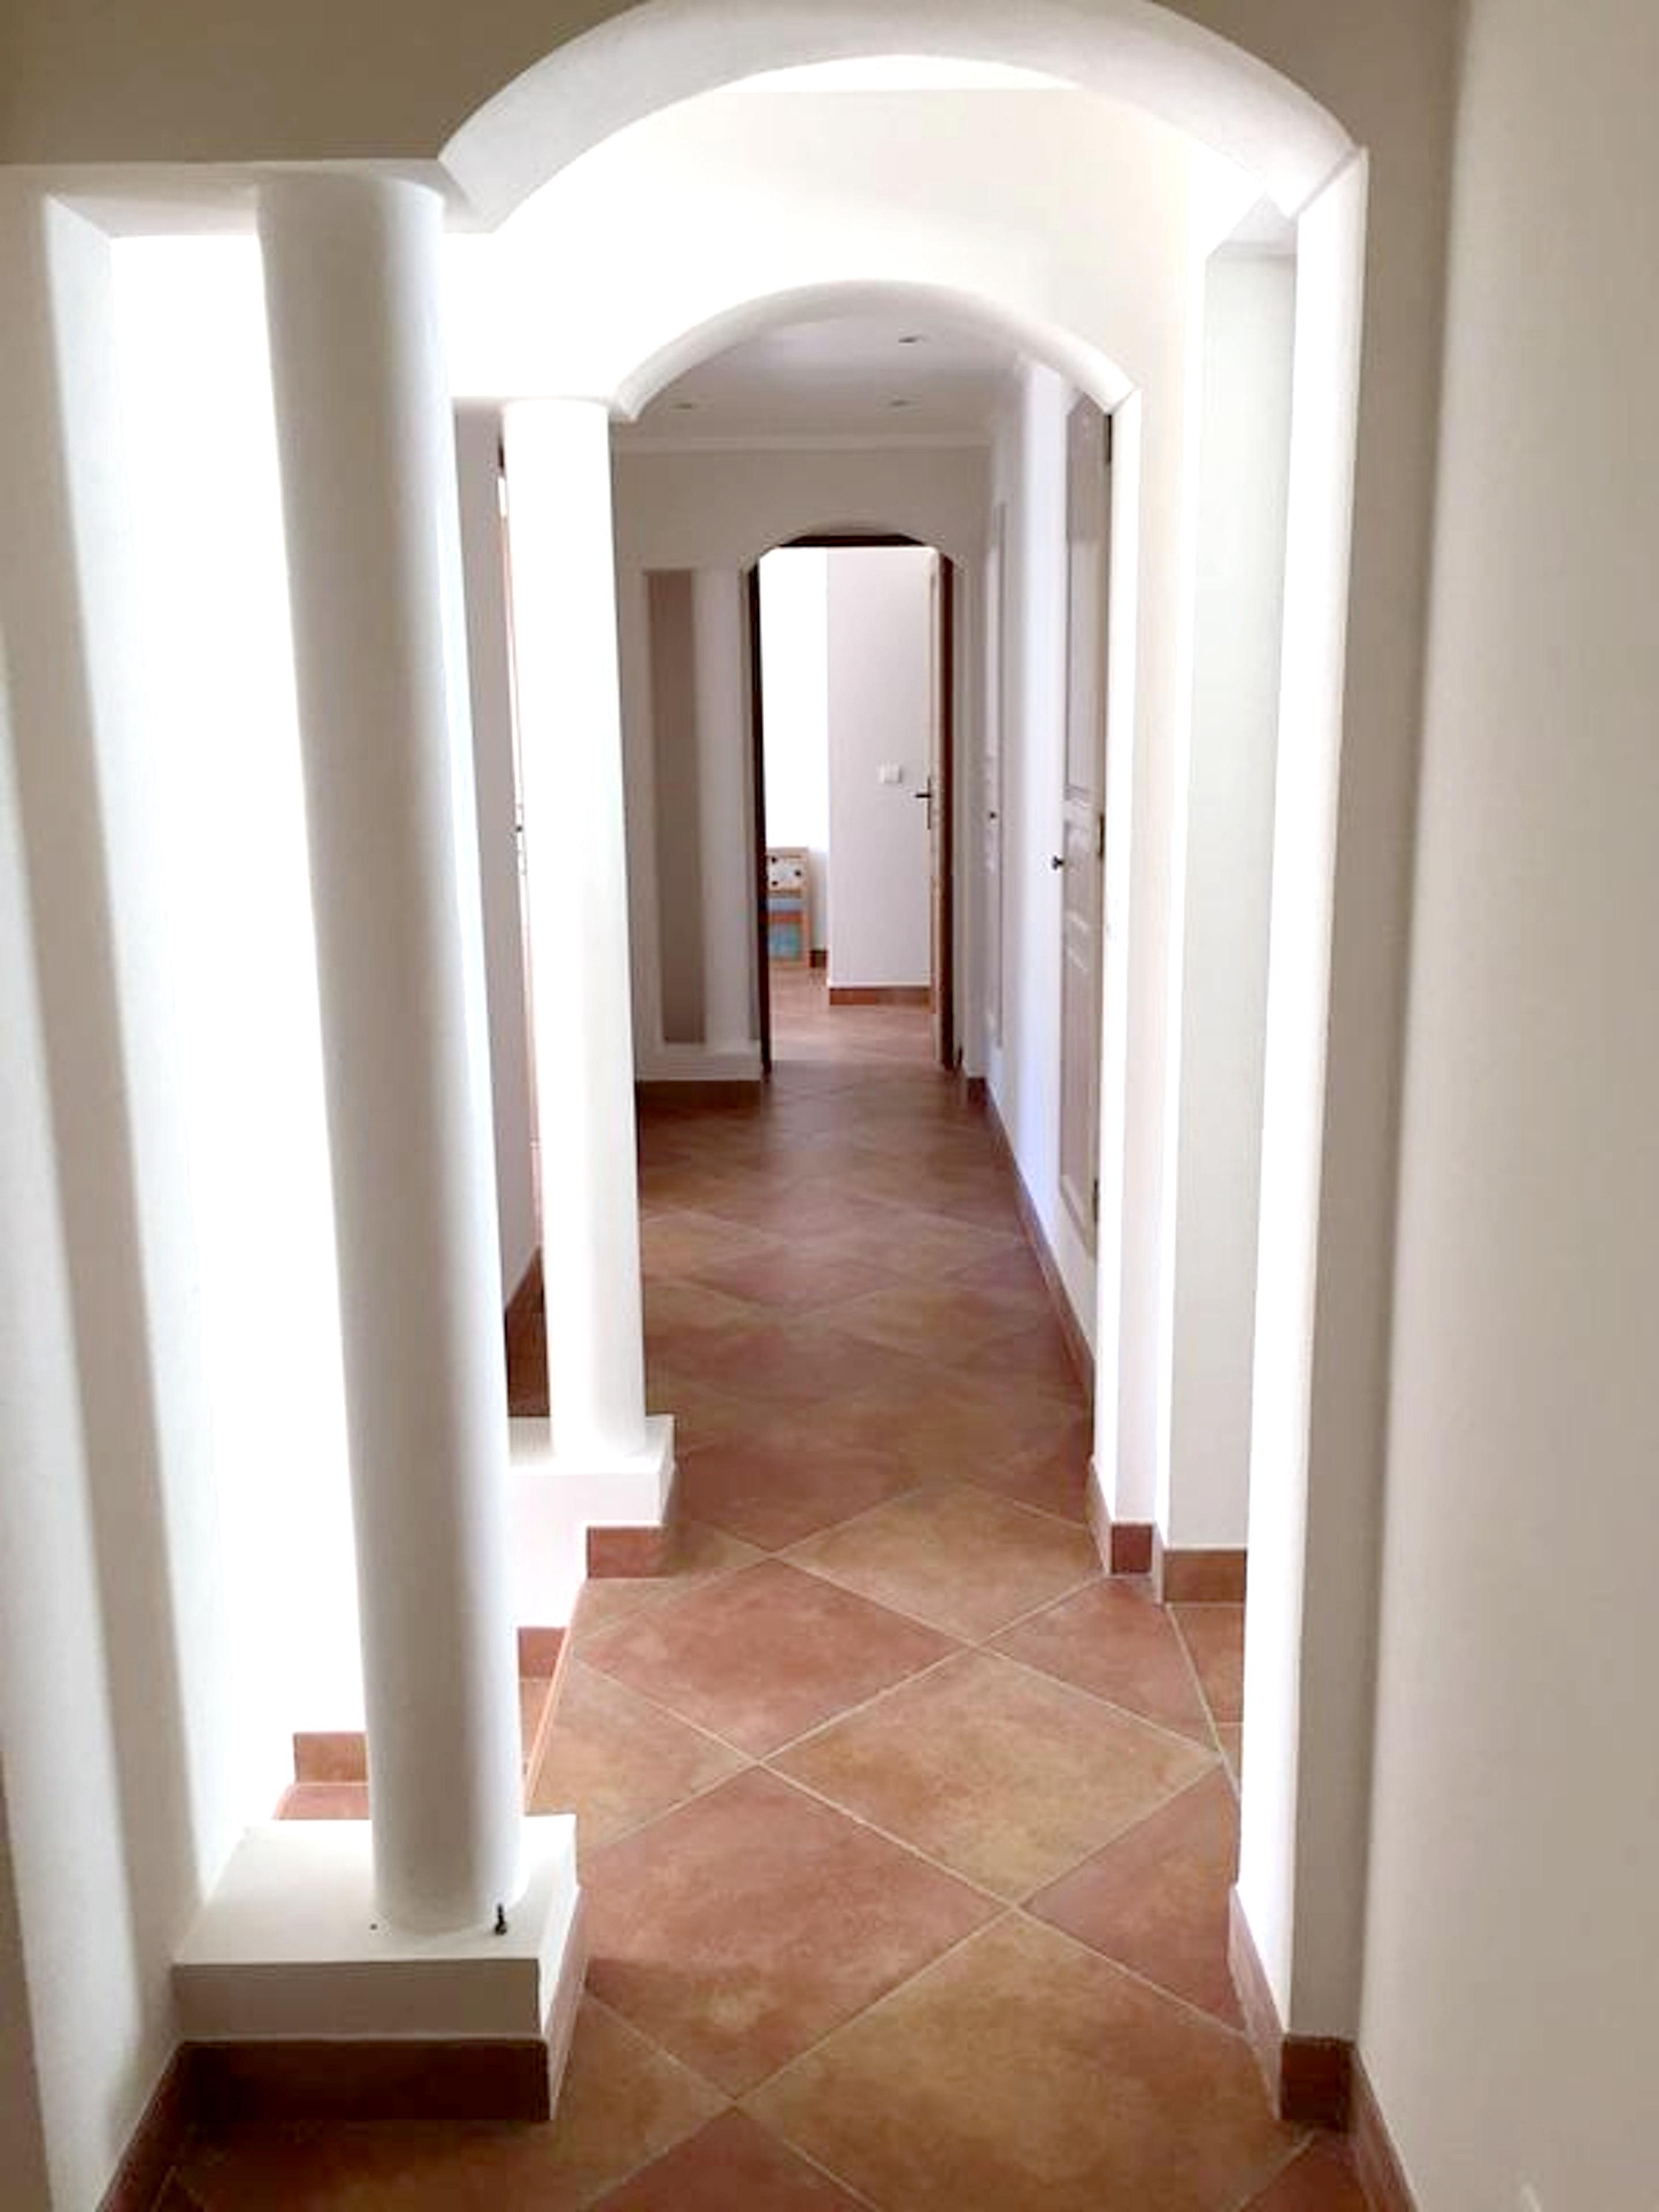 Maison de vacances Villa mit 5 Schlafzimmern in Rayol-Canadel-sur-Mer mit toller Aussicht auf die Berge, priv (2201555), Le Lavandou, Côte d'Azur, Provence - Alpes - Côte d'Azur, France, image 41